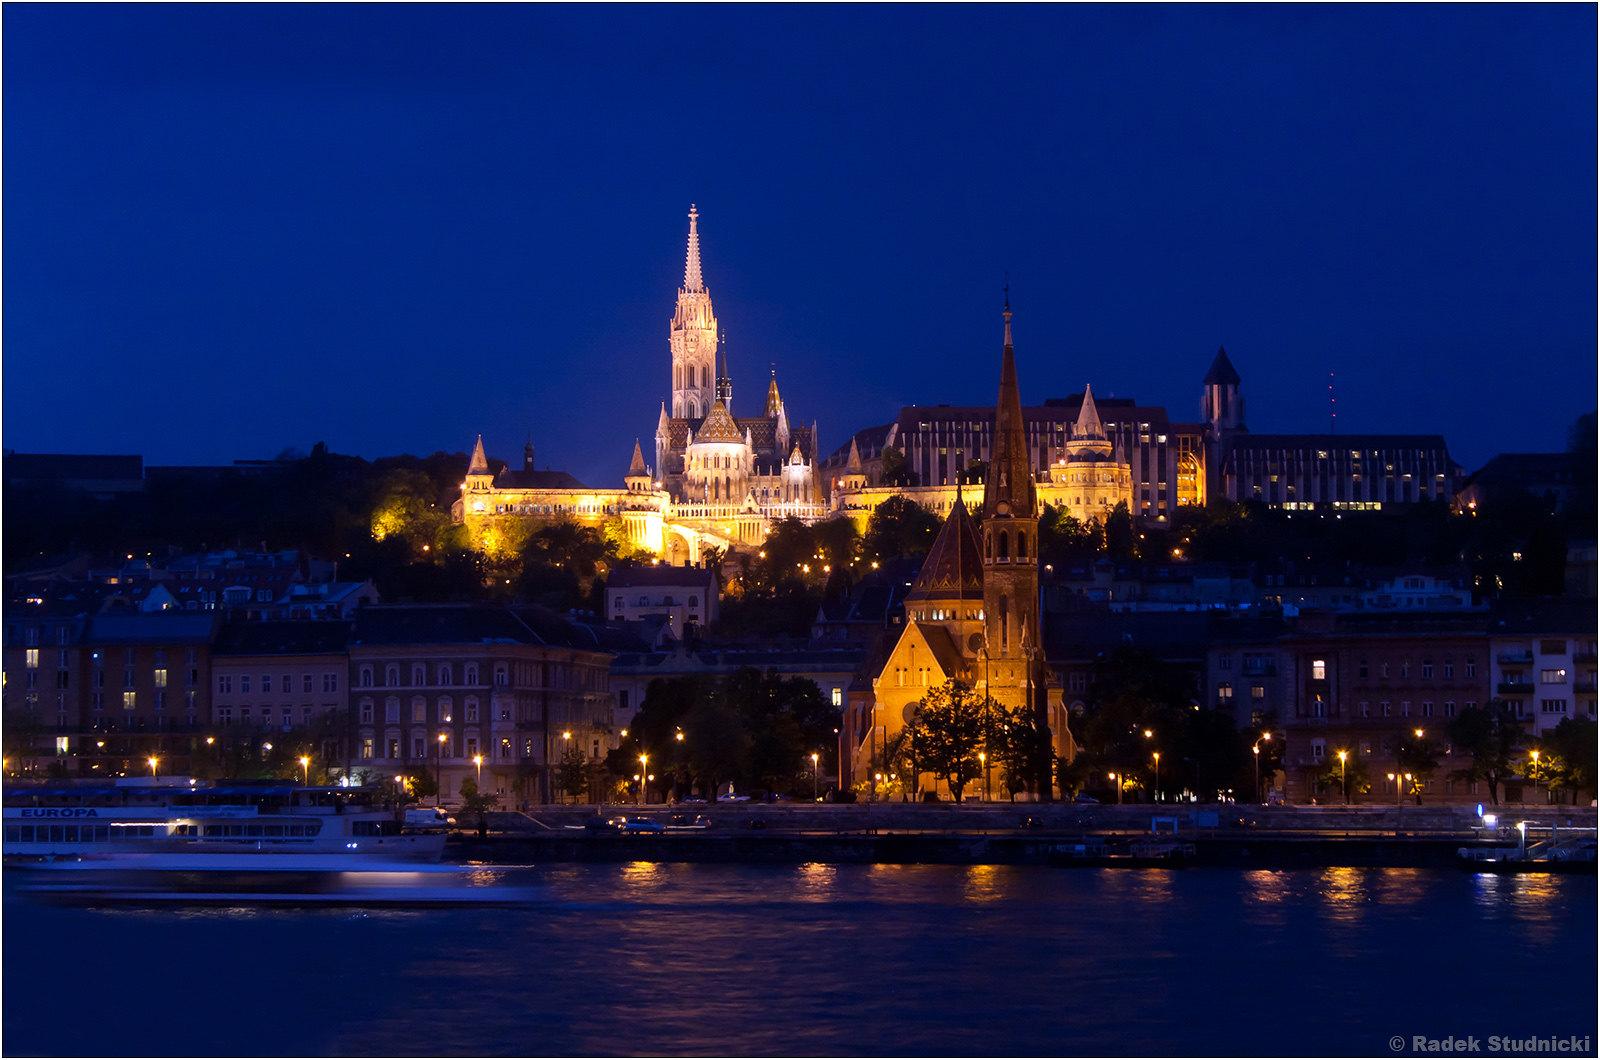 Wzgórze zamkowe w Budapeszcie nocą